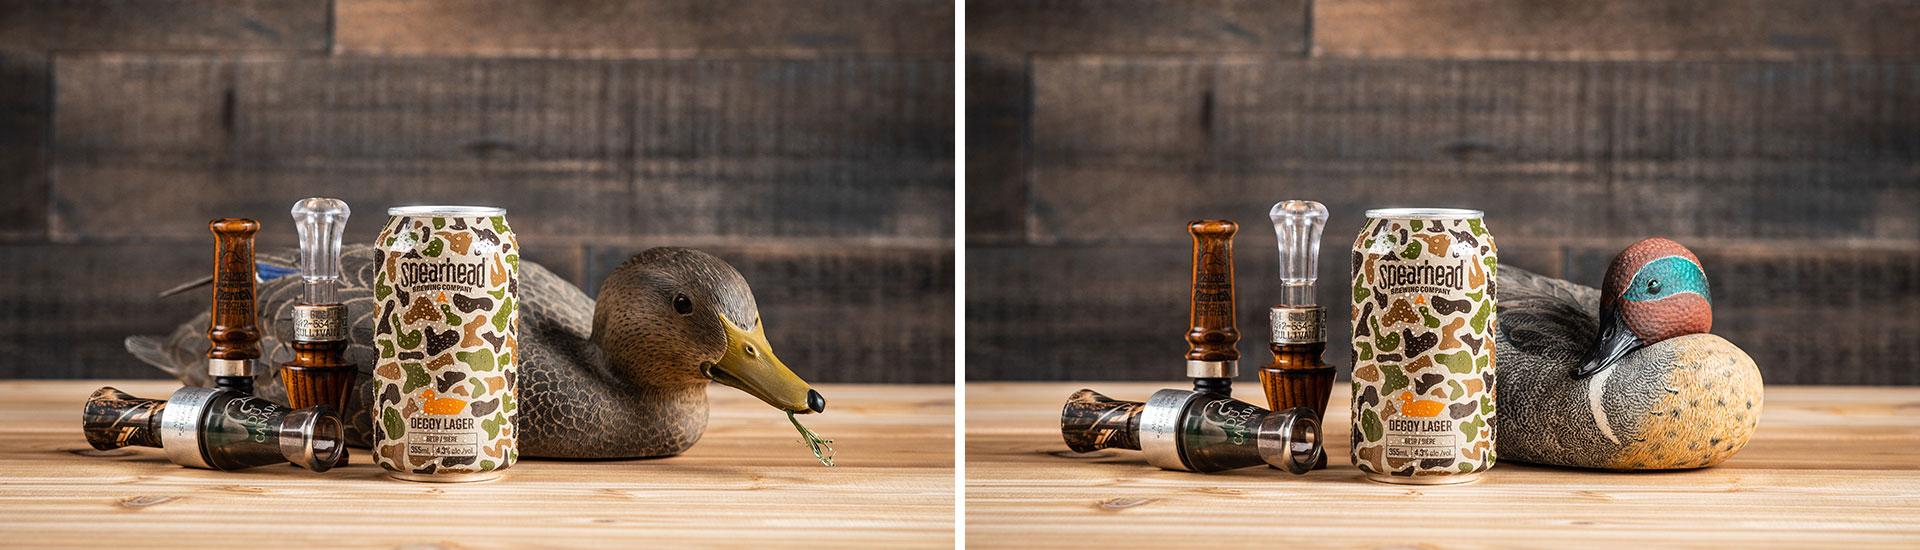 decoy-image-ducks-2